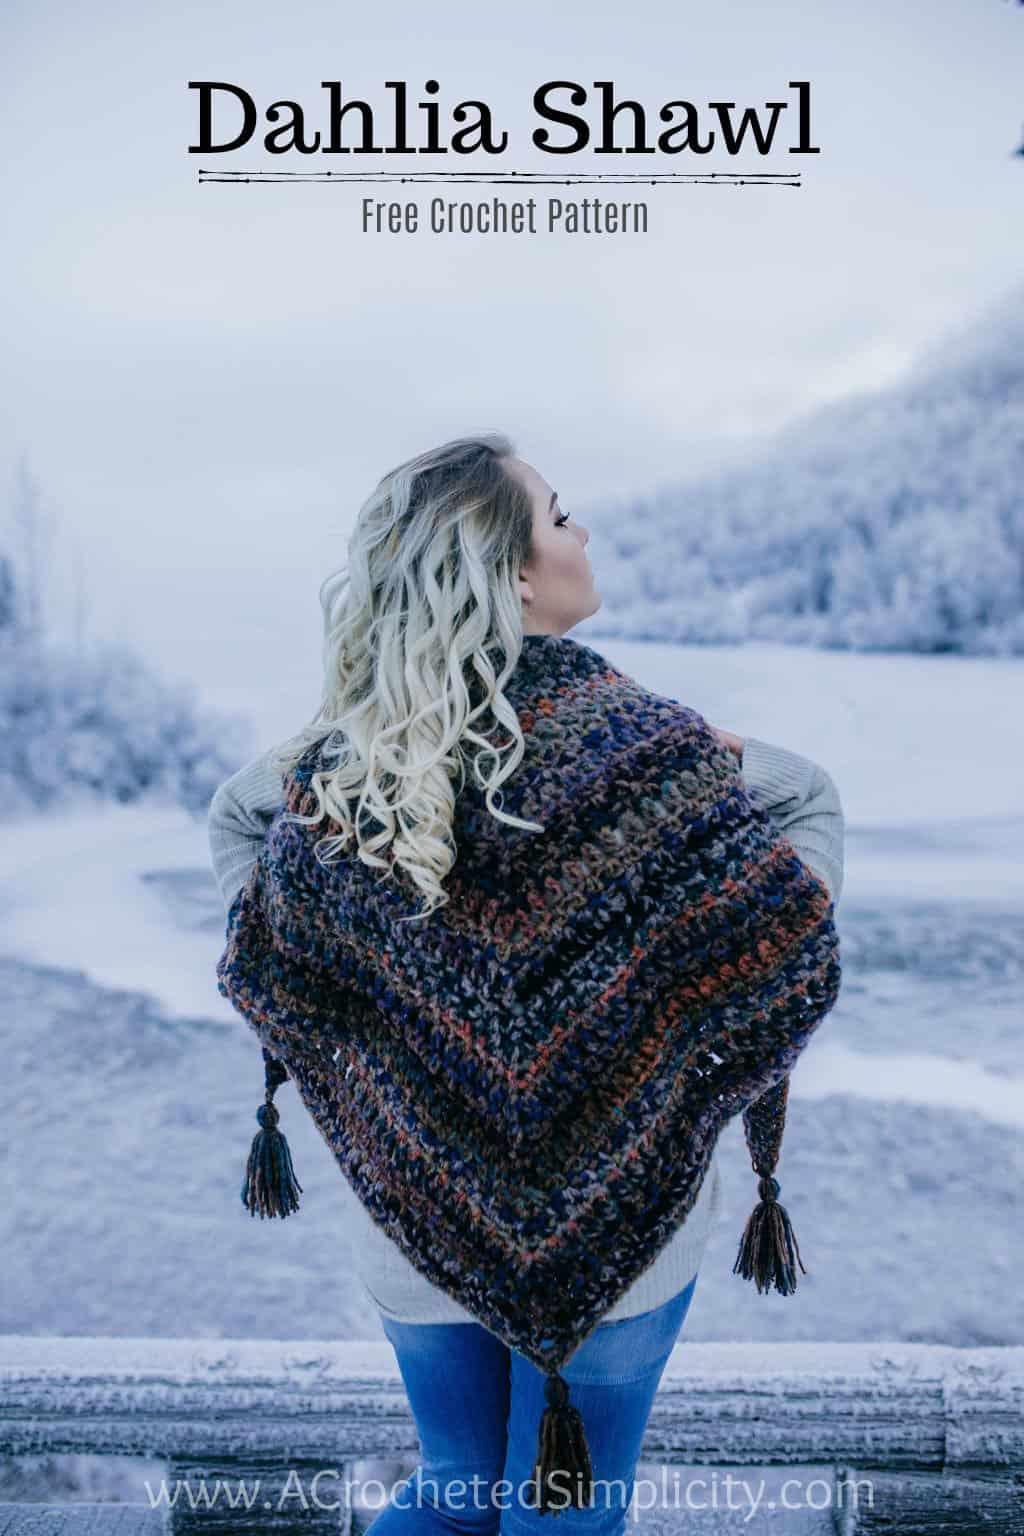 Free Crochet Shawl Pattern - Dahlia Shawl / Triangular Scarf by A Crocheted Simplicity #crochet #freecrochetshawlpattern #freecrochetpattern #freecrochetscarf #triangularscarfpattern #lionbrandmandala #crochetshawl #crochetscarf #crochetshawlpattern #crochettriangularshawl